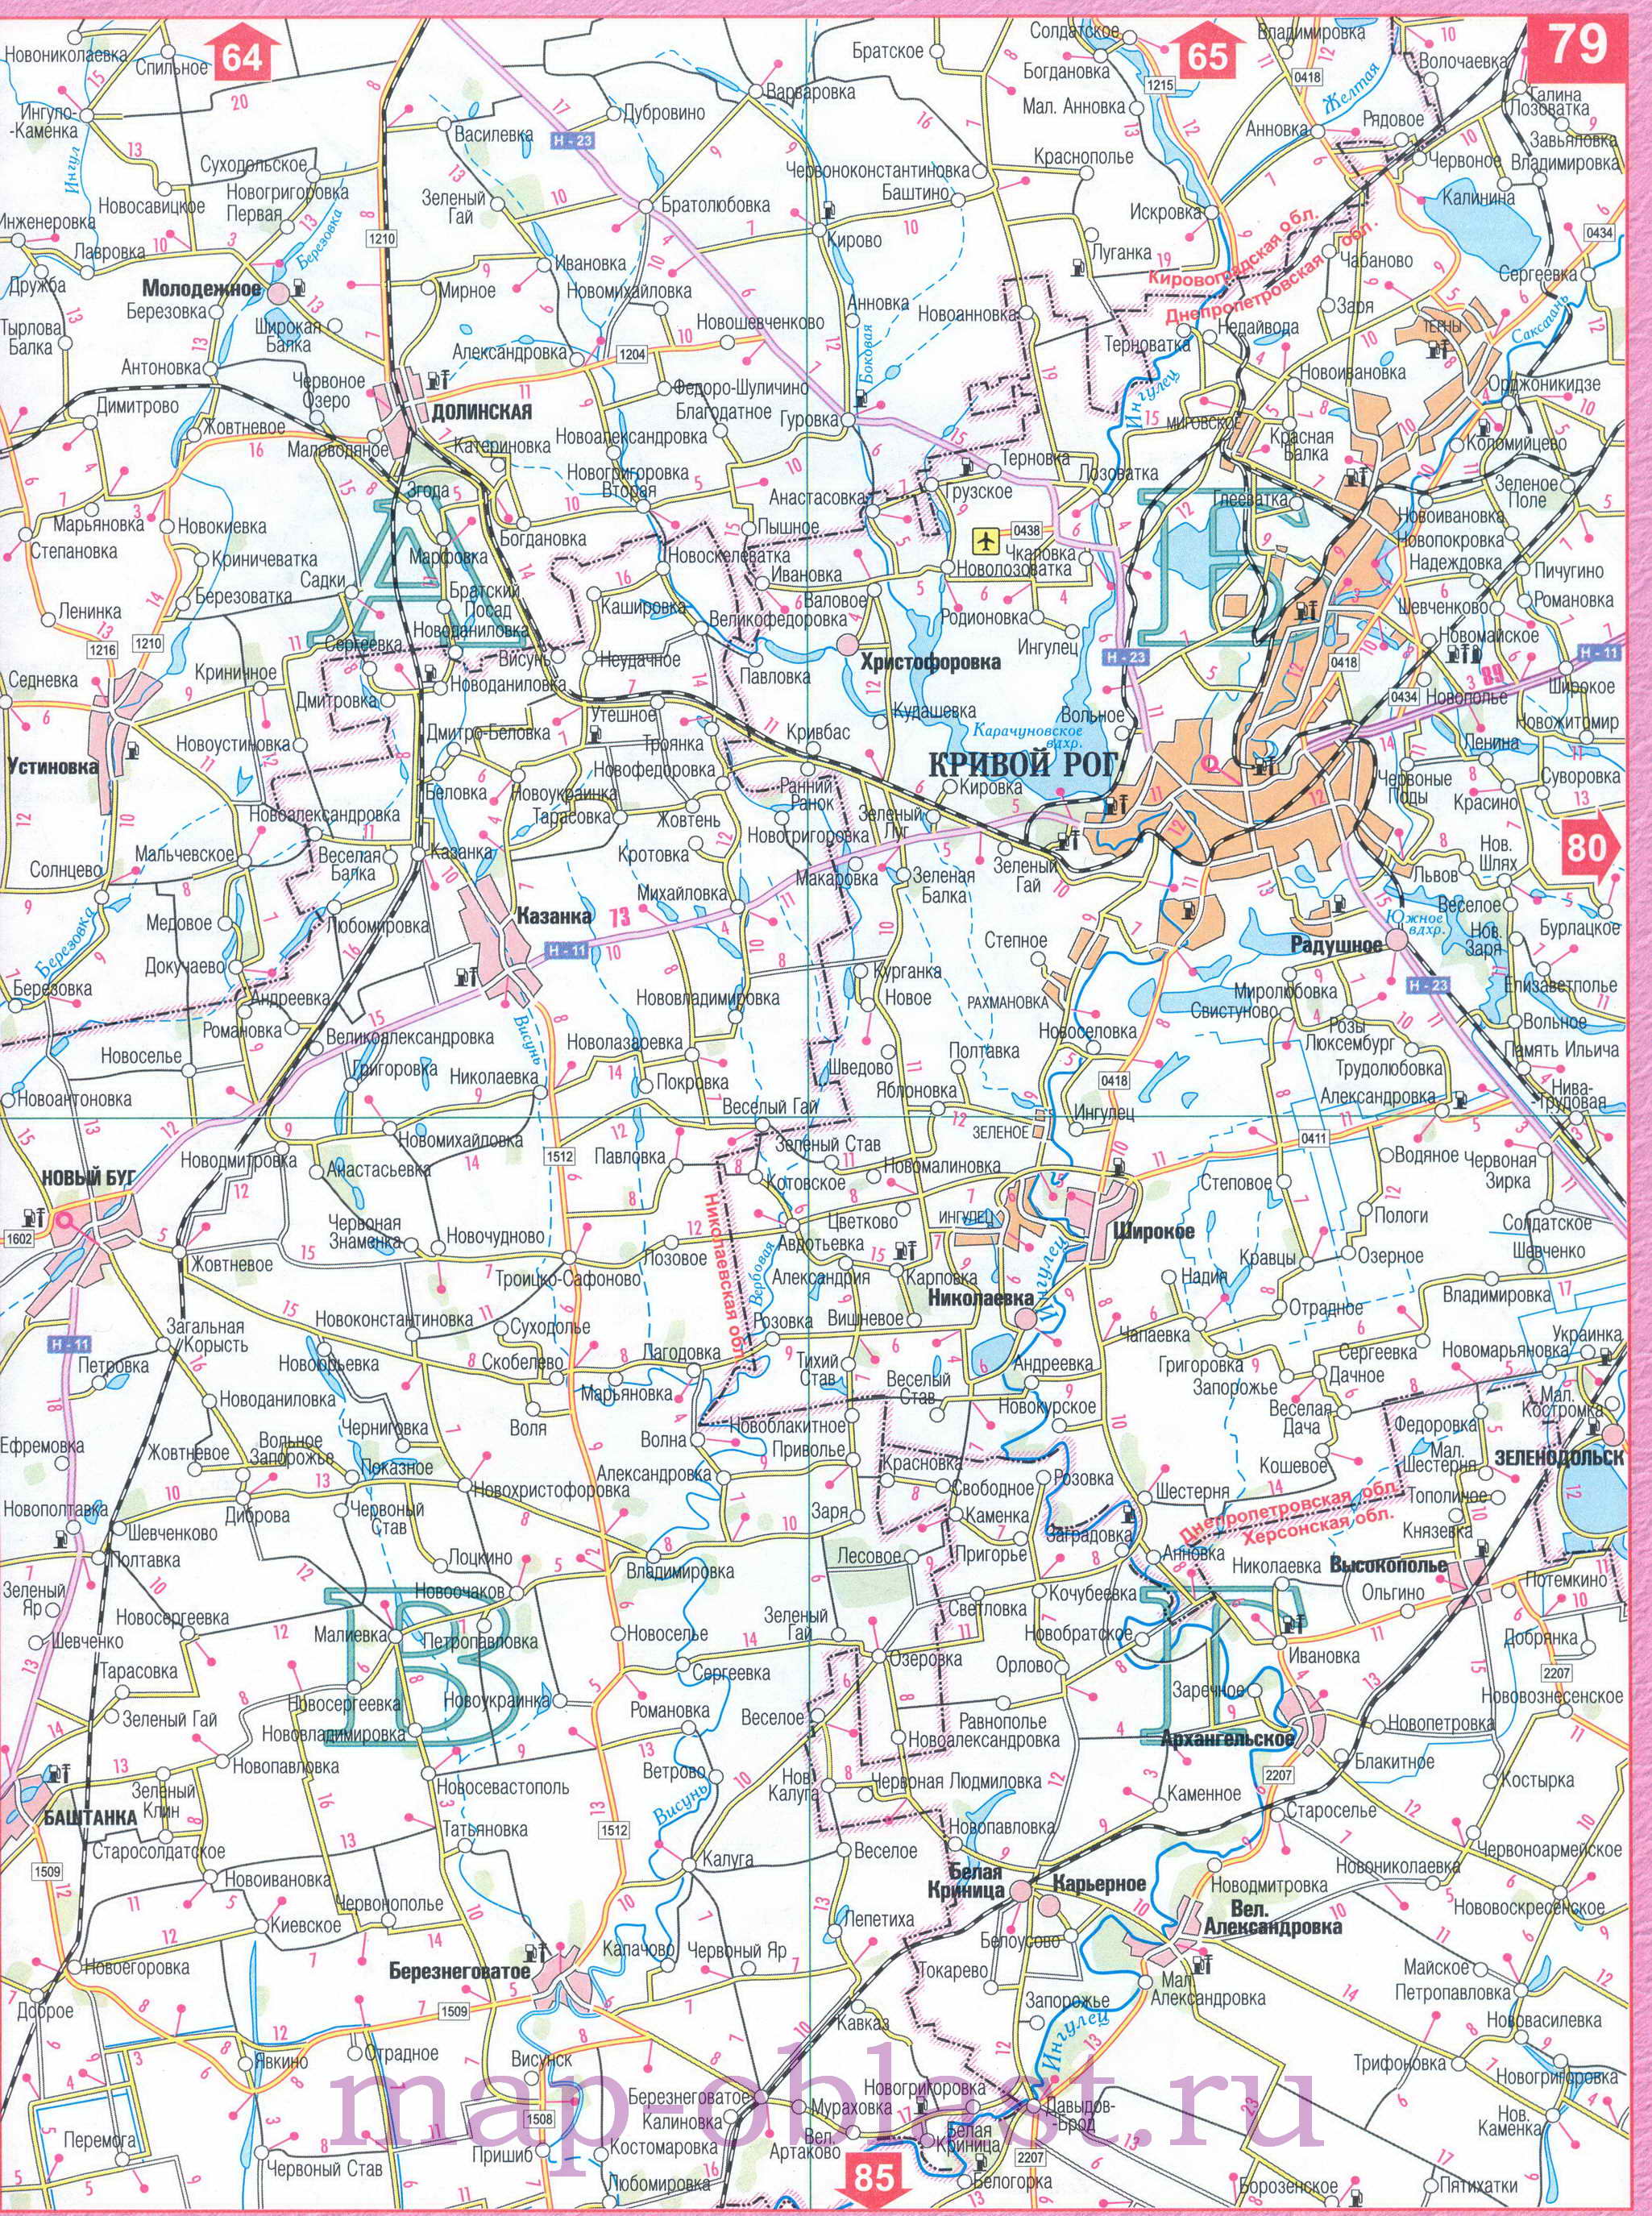 Карта дорог Херсонской области, южная Украина. Подробная ...: http://map-oblast.ru/map743745_0_0.htm